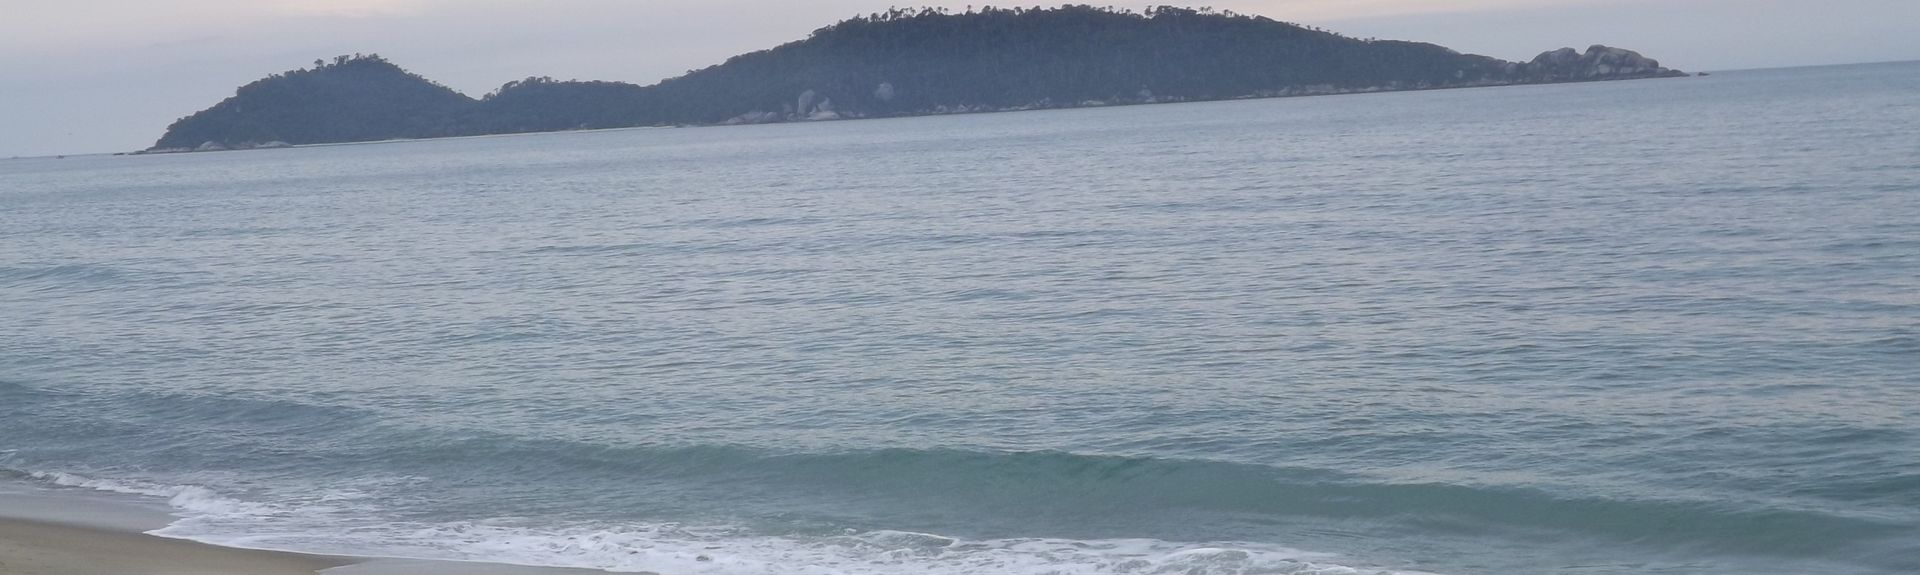 Praia do Matadeiro, Florianópolis - SC, Brazil